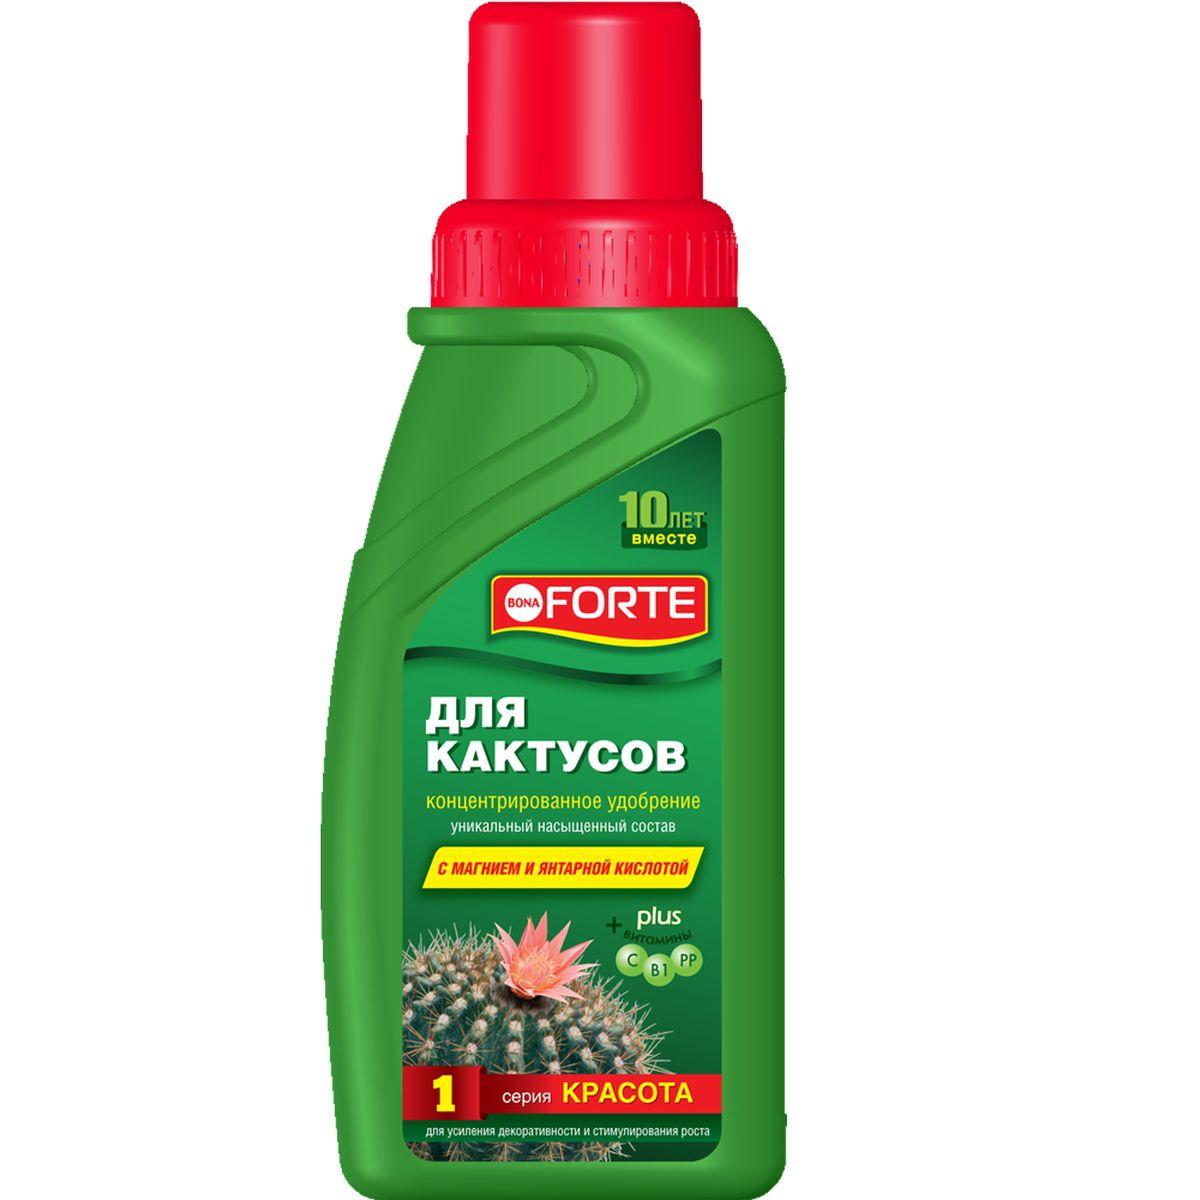 Жидкое комплексное удобрение Bona Forte, для кактусов, 285 мл жидкое комплексное удобрение bona forte для фикусов и пальм 285 мл